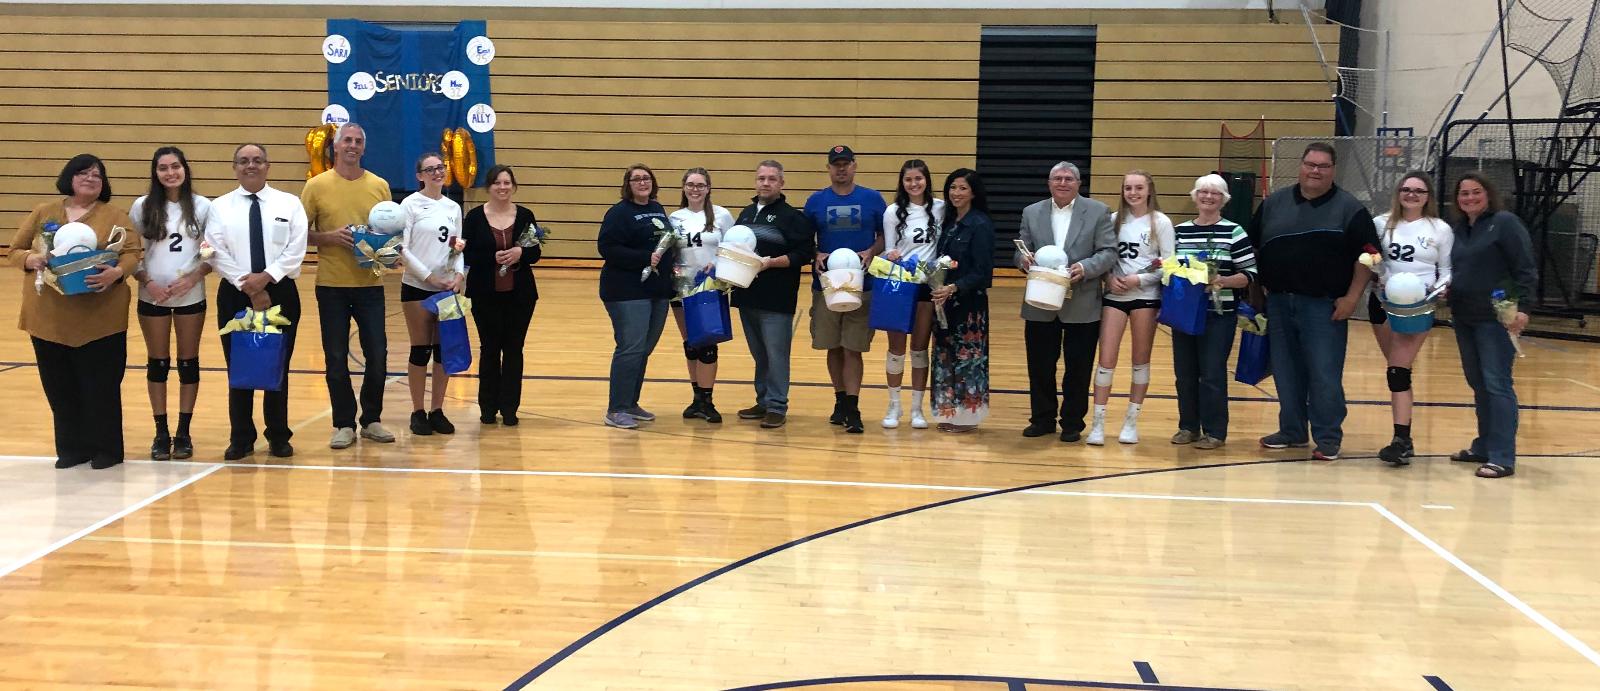 Blazer Volleyball Celebrates Senior Night Wednesday